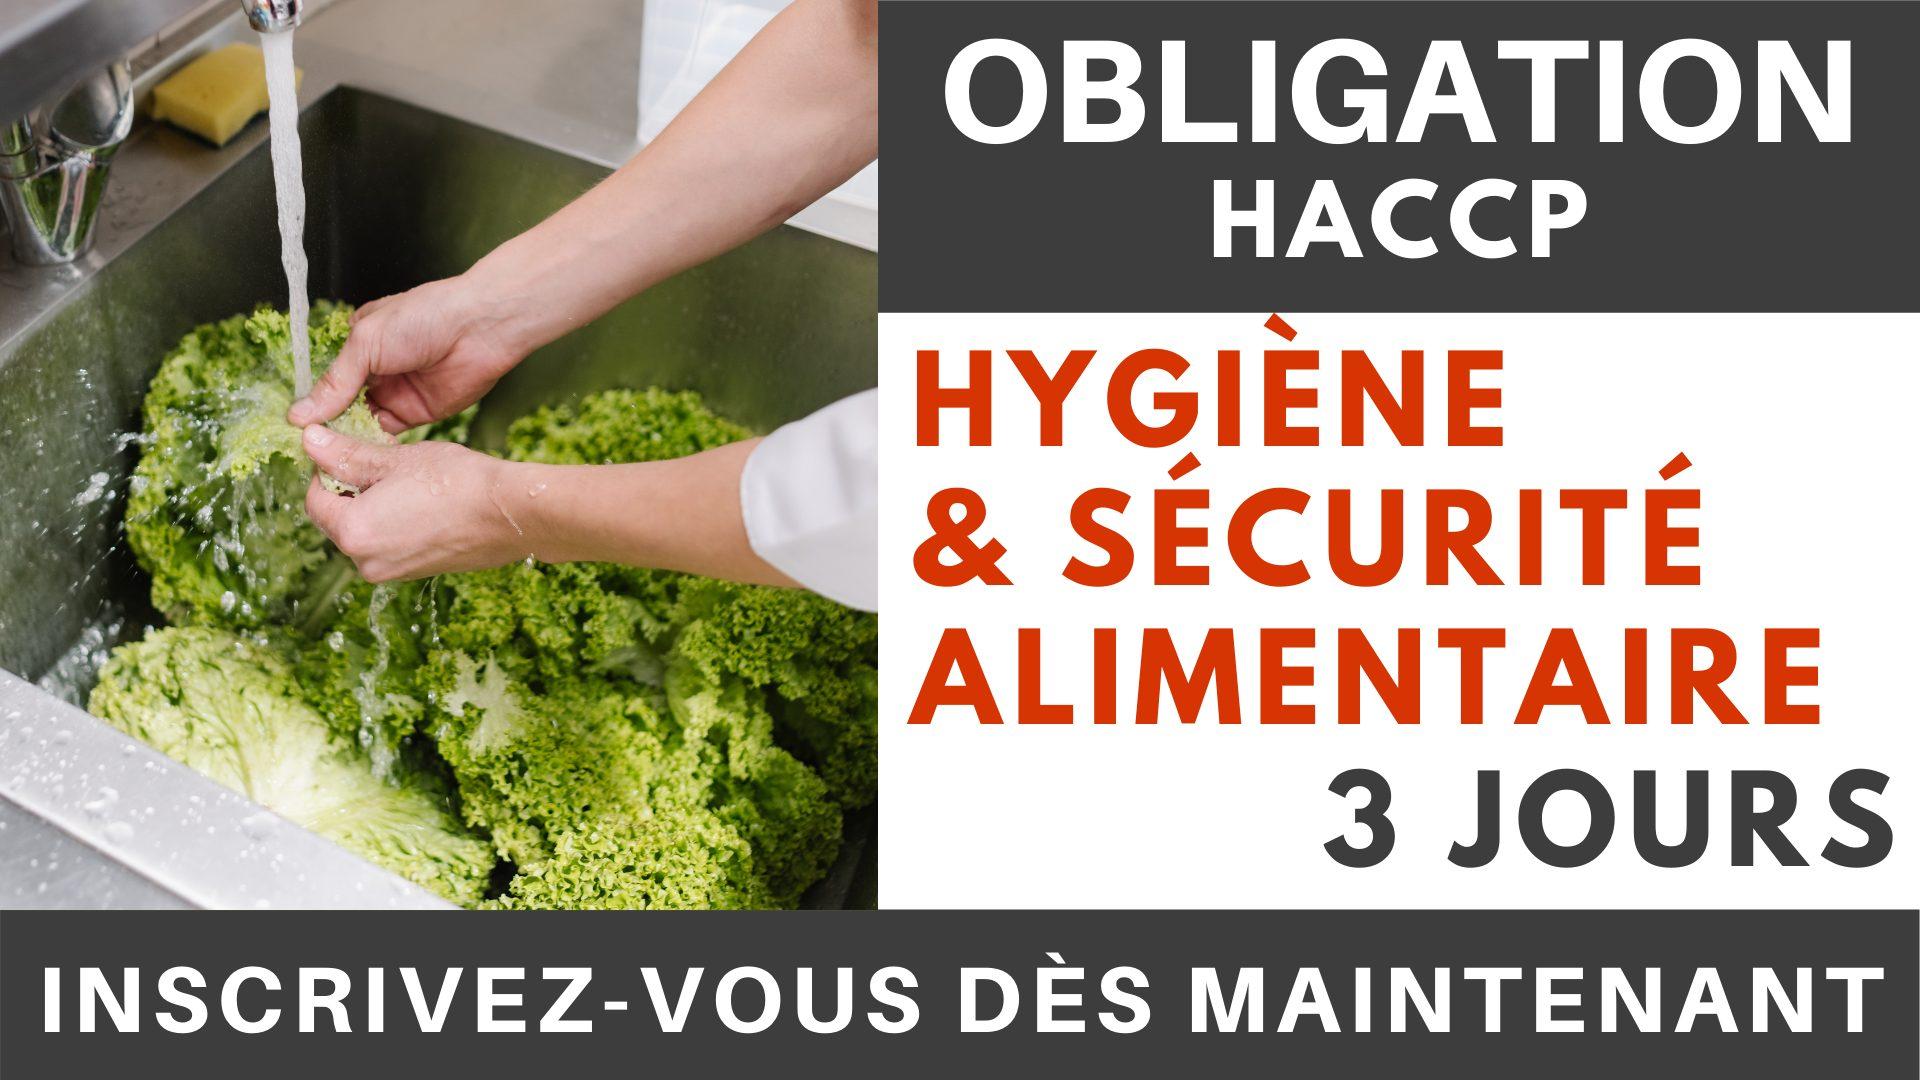 OBLIGATION HACCP - Hygiène & sécurité alimentaire 3 jours